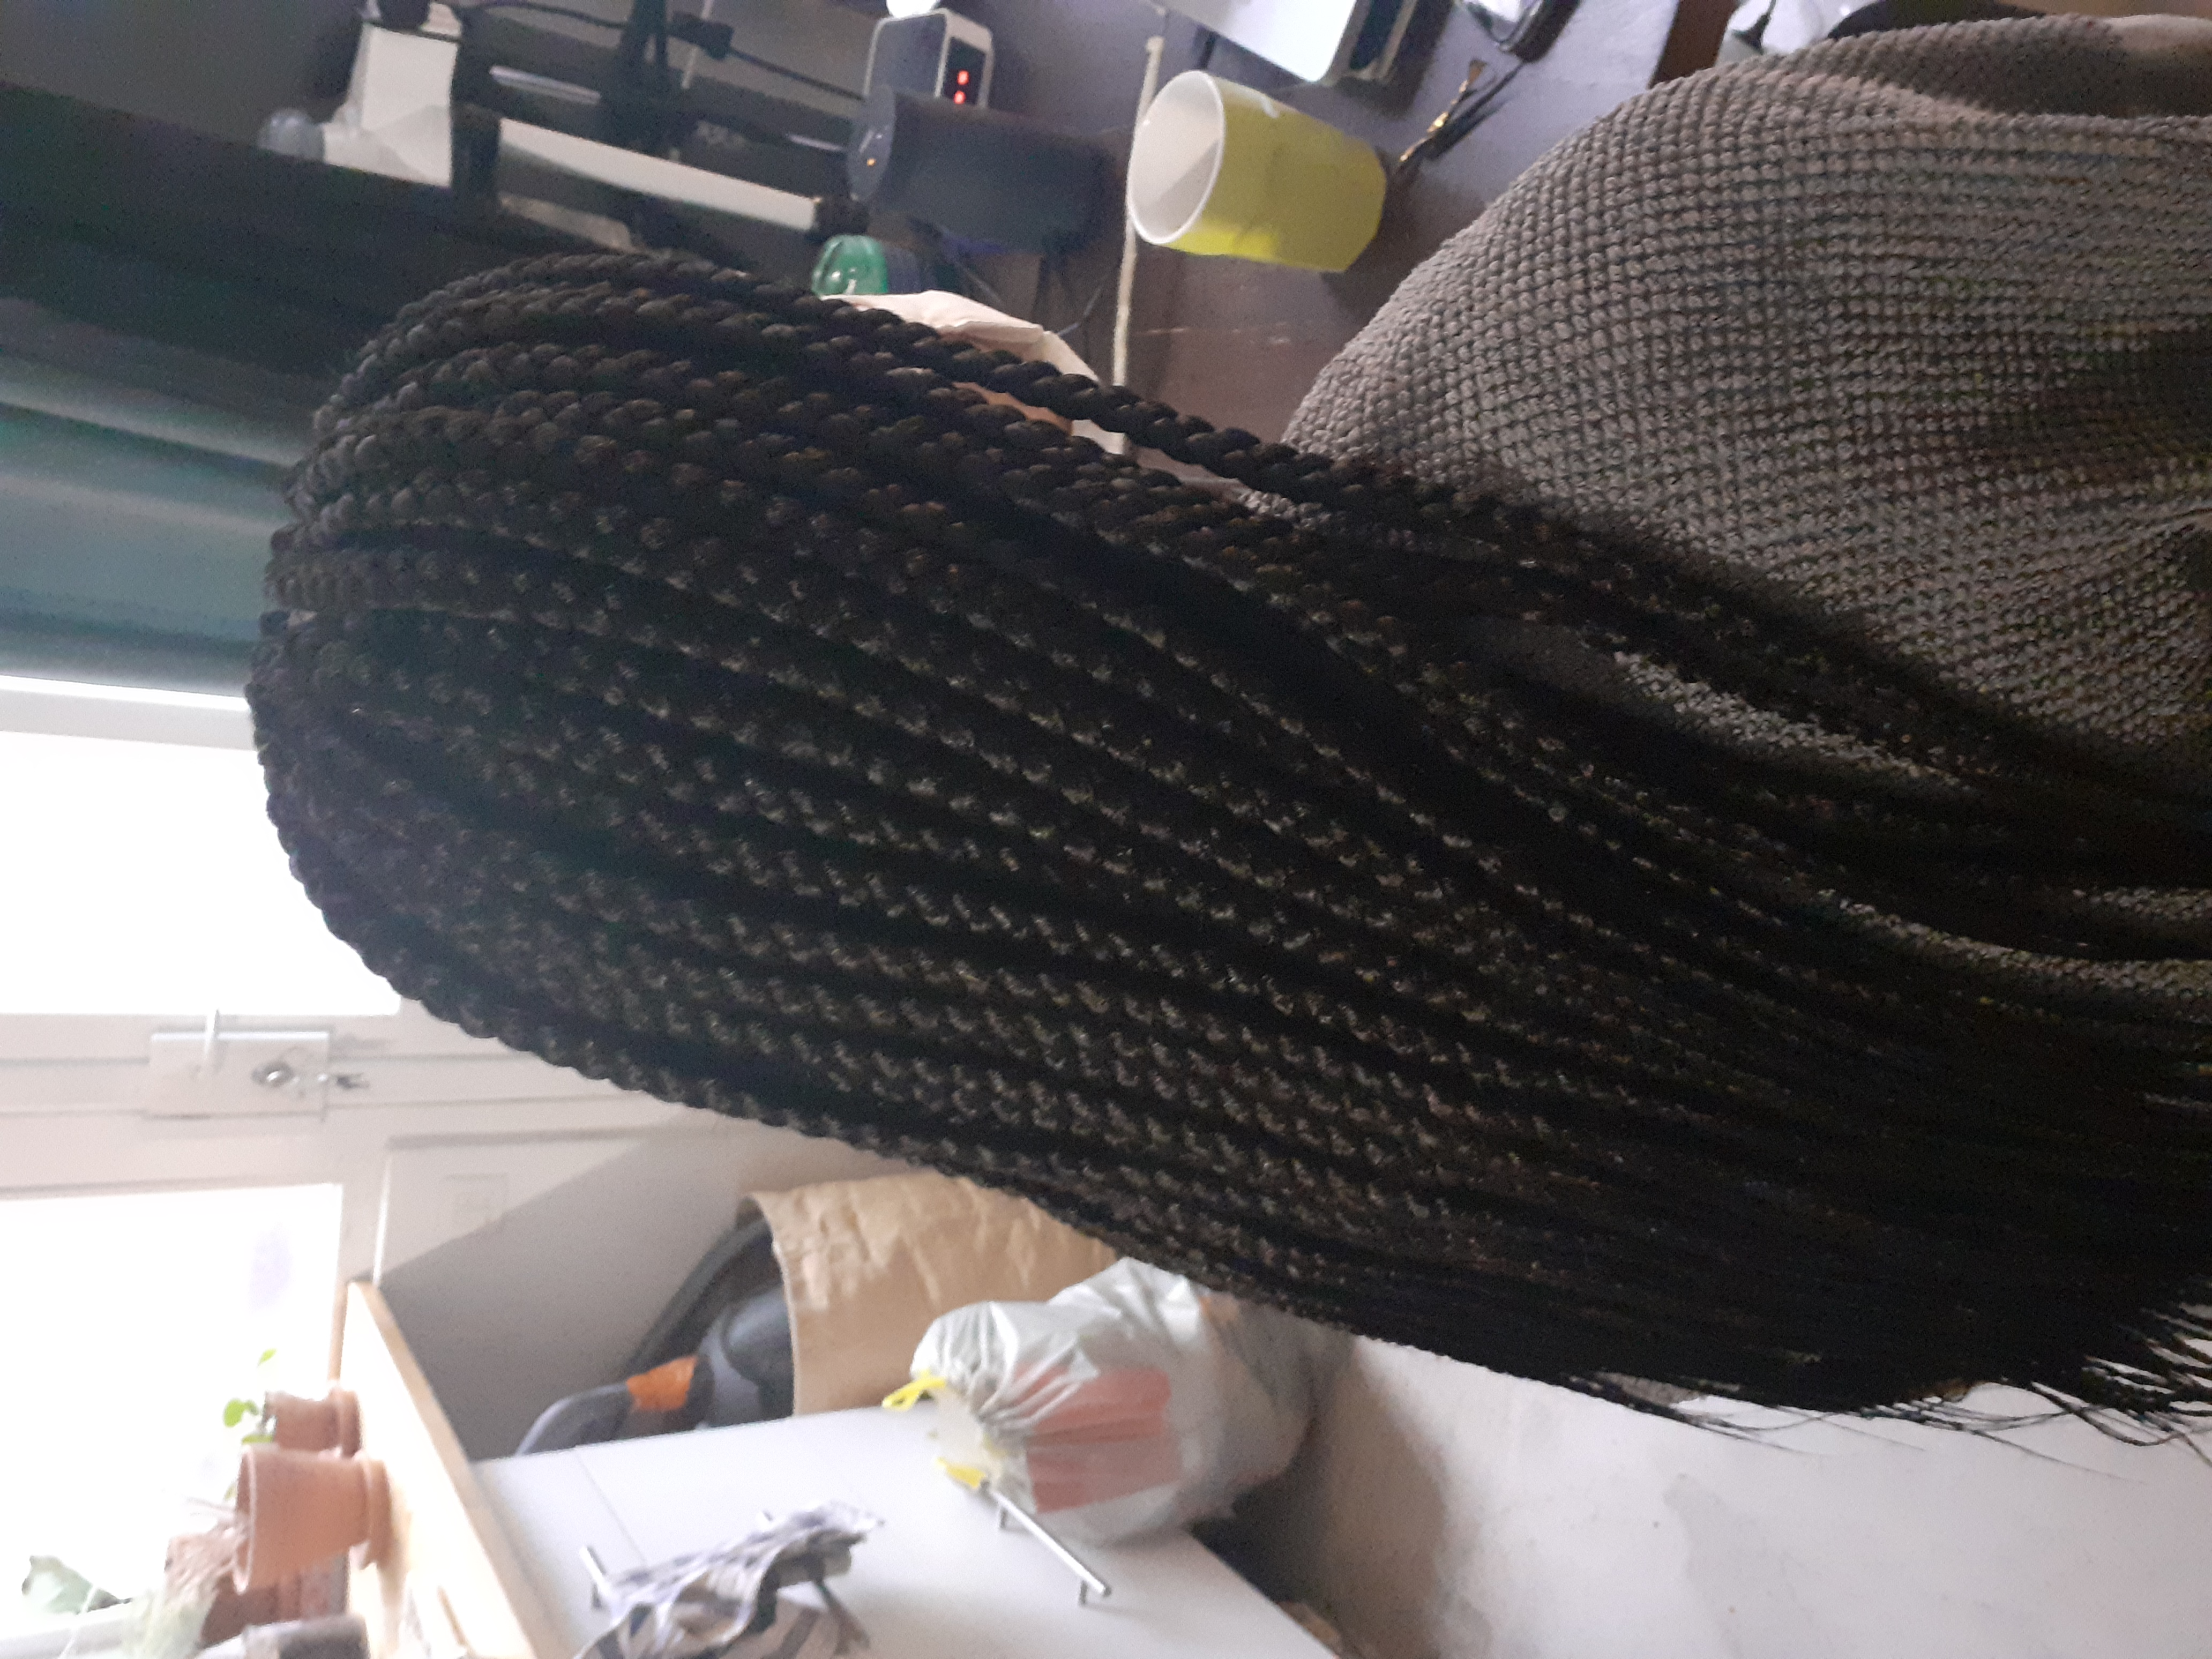 salon de coiffure afro tresse tresses box braids crochet braids vanilles tissages paris 75 77 78 91 92 93 94 95 ZAUULLWQ